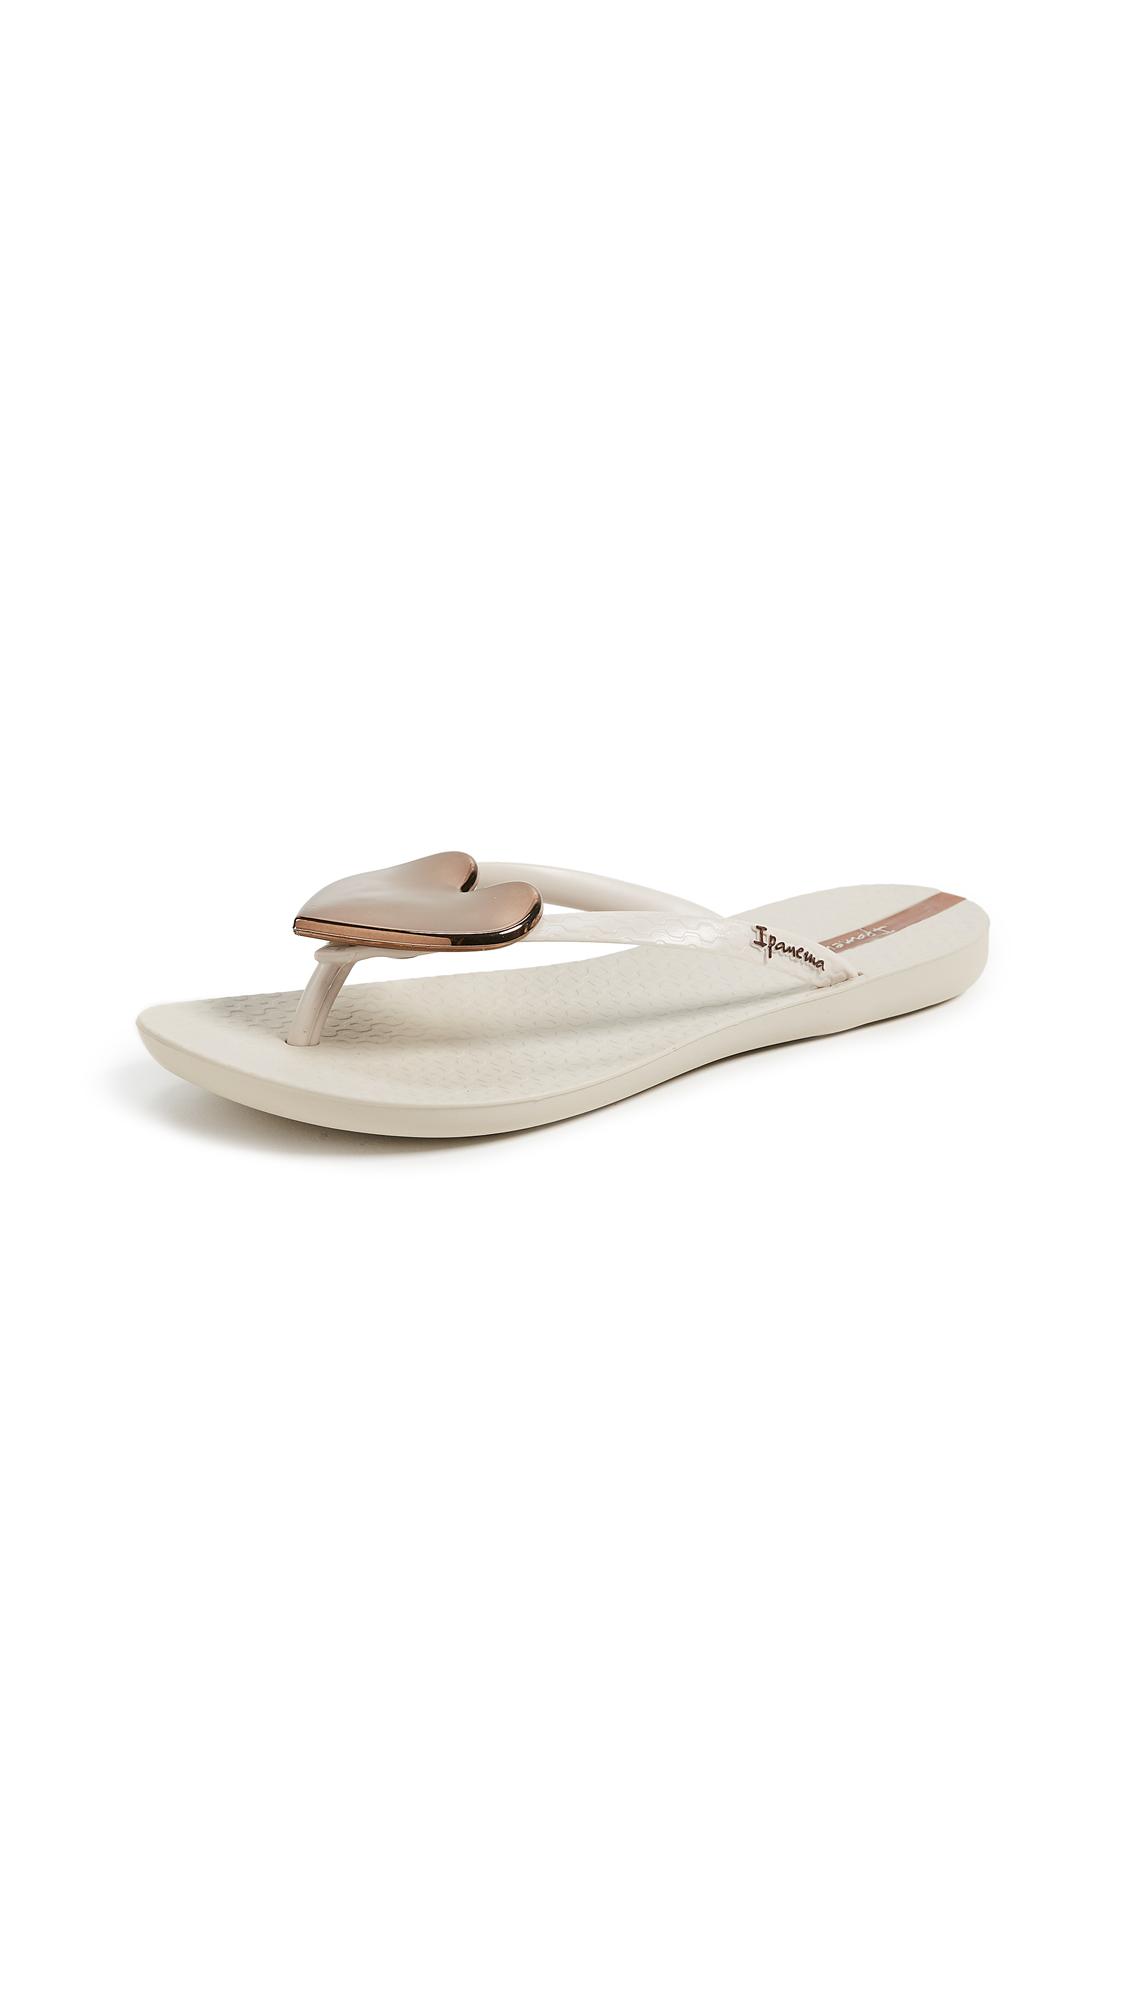 Ipanema Wave Heart Flip Flops - Beige/Bronze